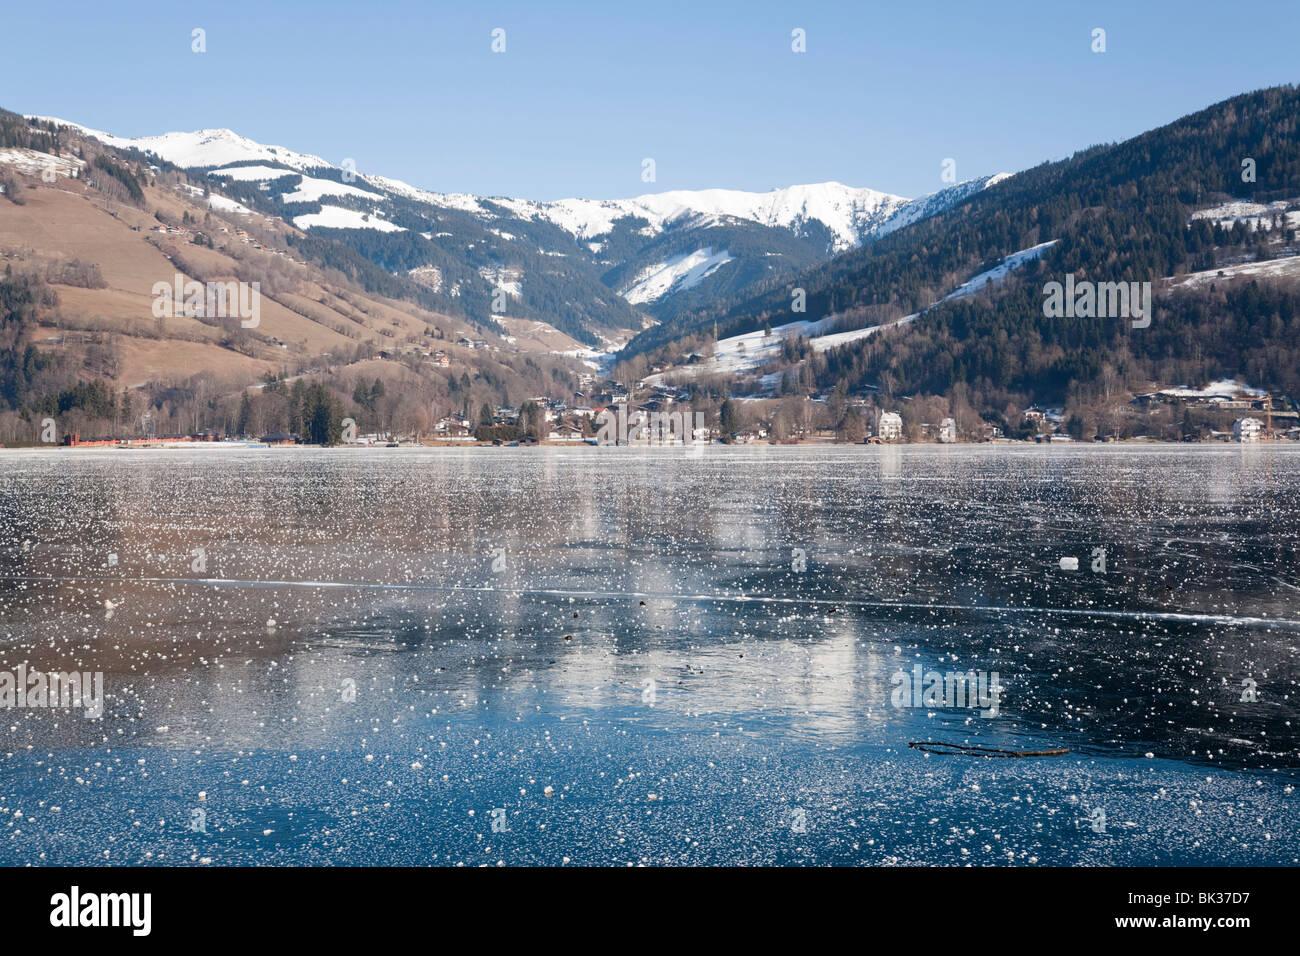 Le lac Zeller See congelé avec une montagne de glace dans la région de alpine resort. Zell am See, Autriche, Photo Stock